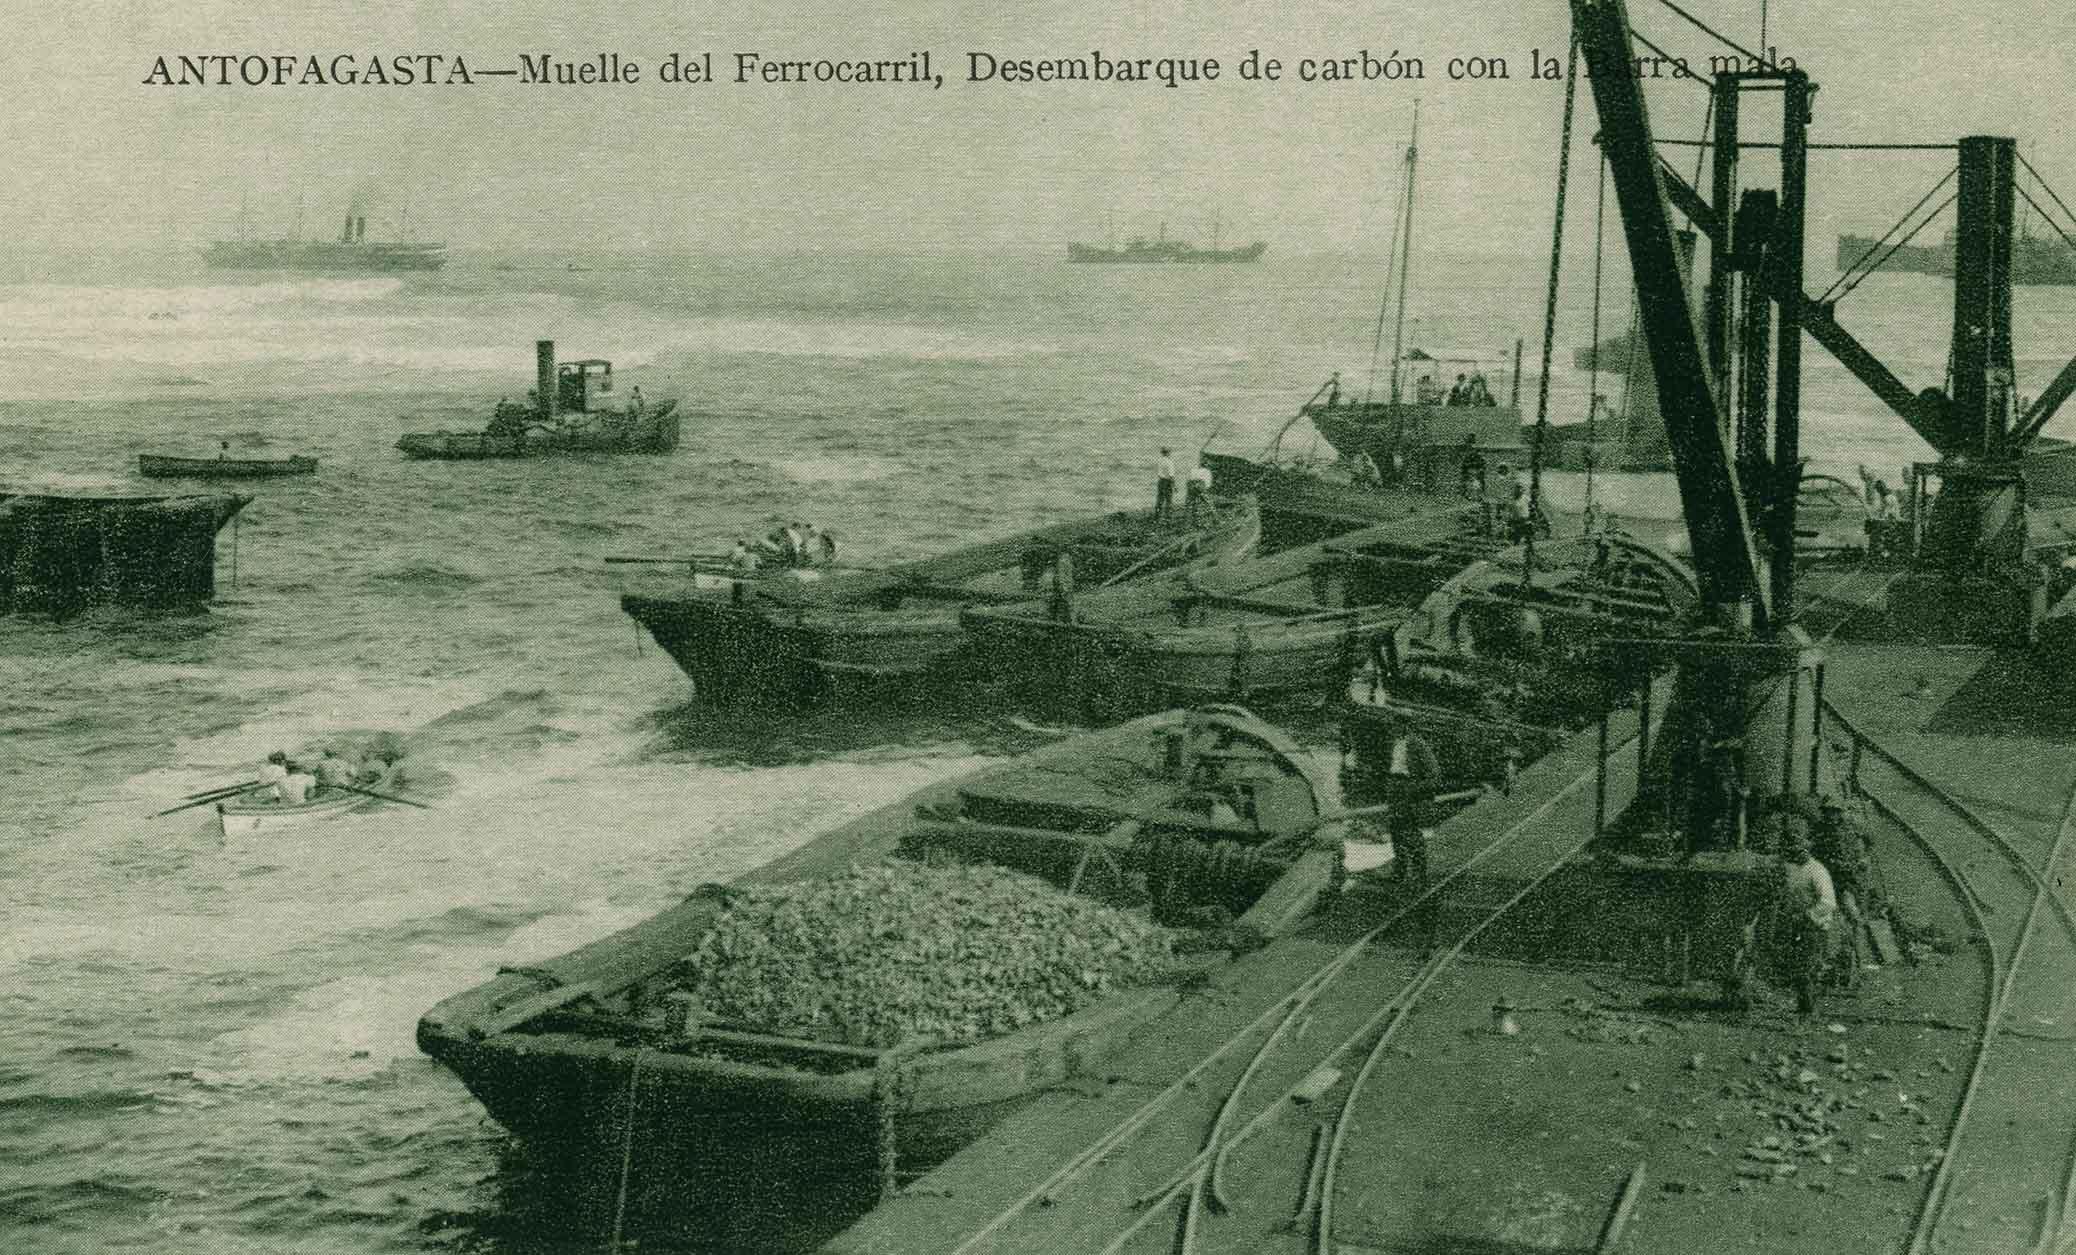 Enterreno - Fotos históricas de chile - fotos antiguas de Chile - Muelle de Antofagasta ca. 1910